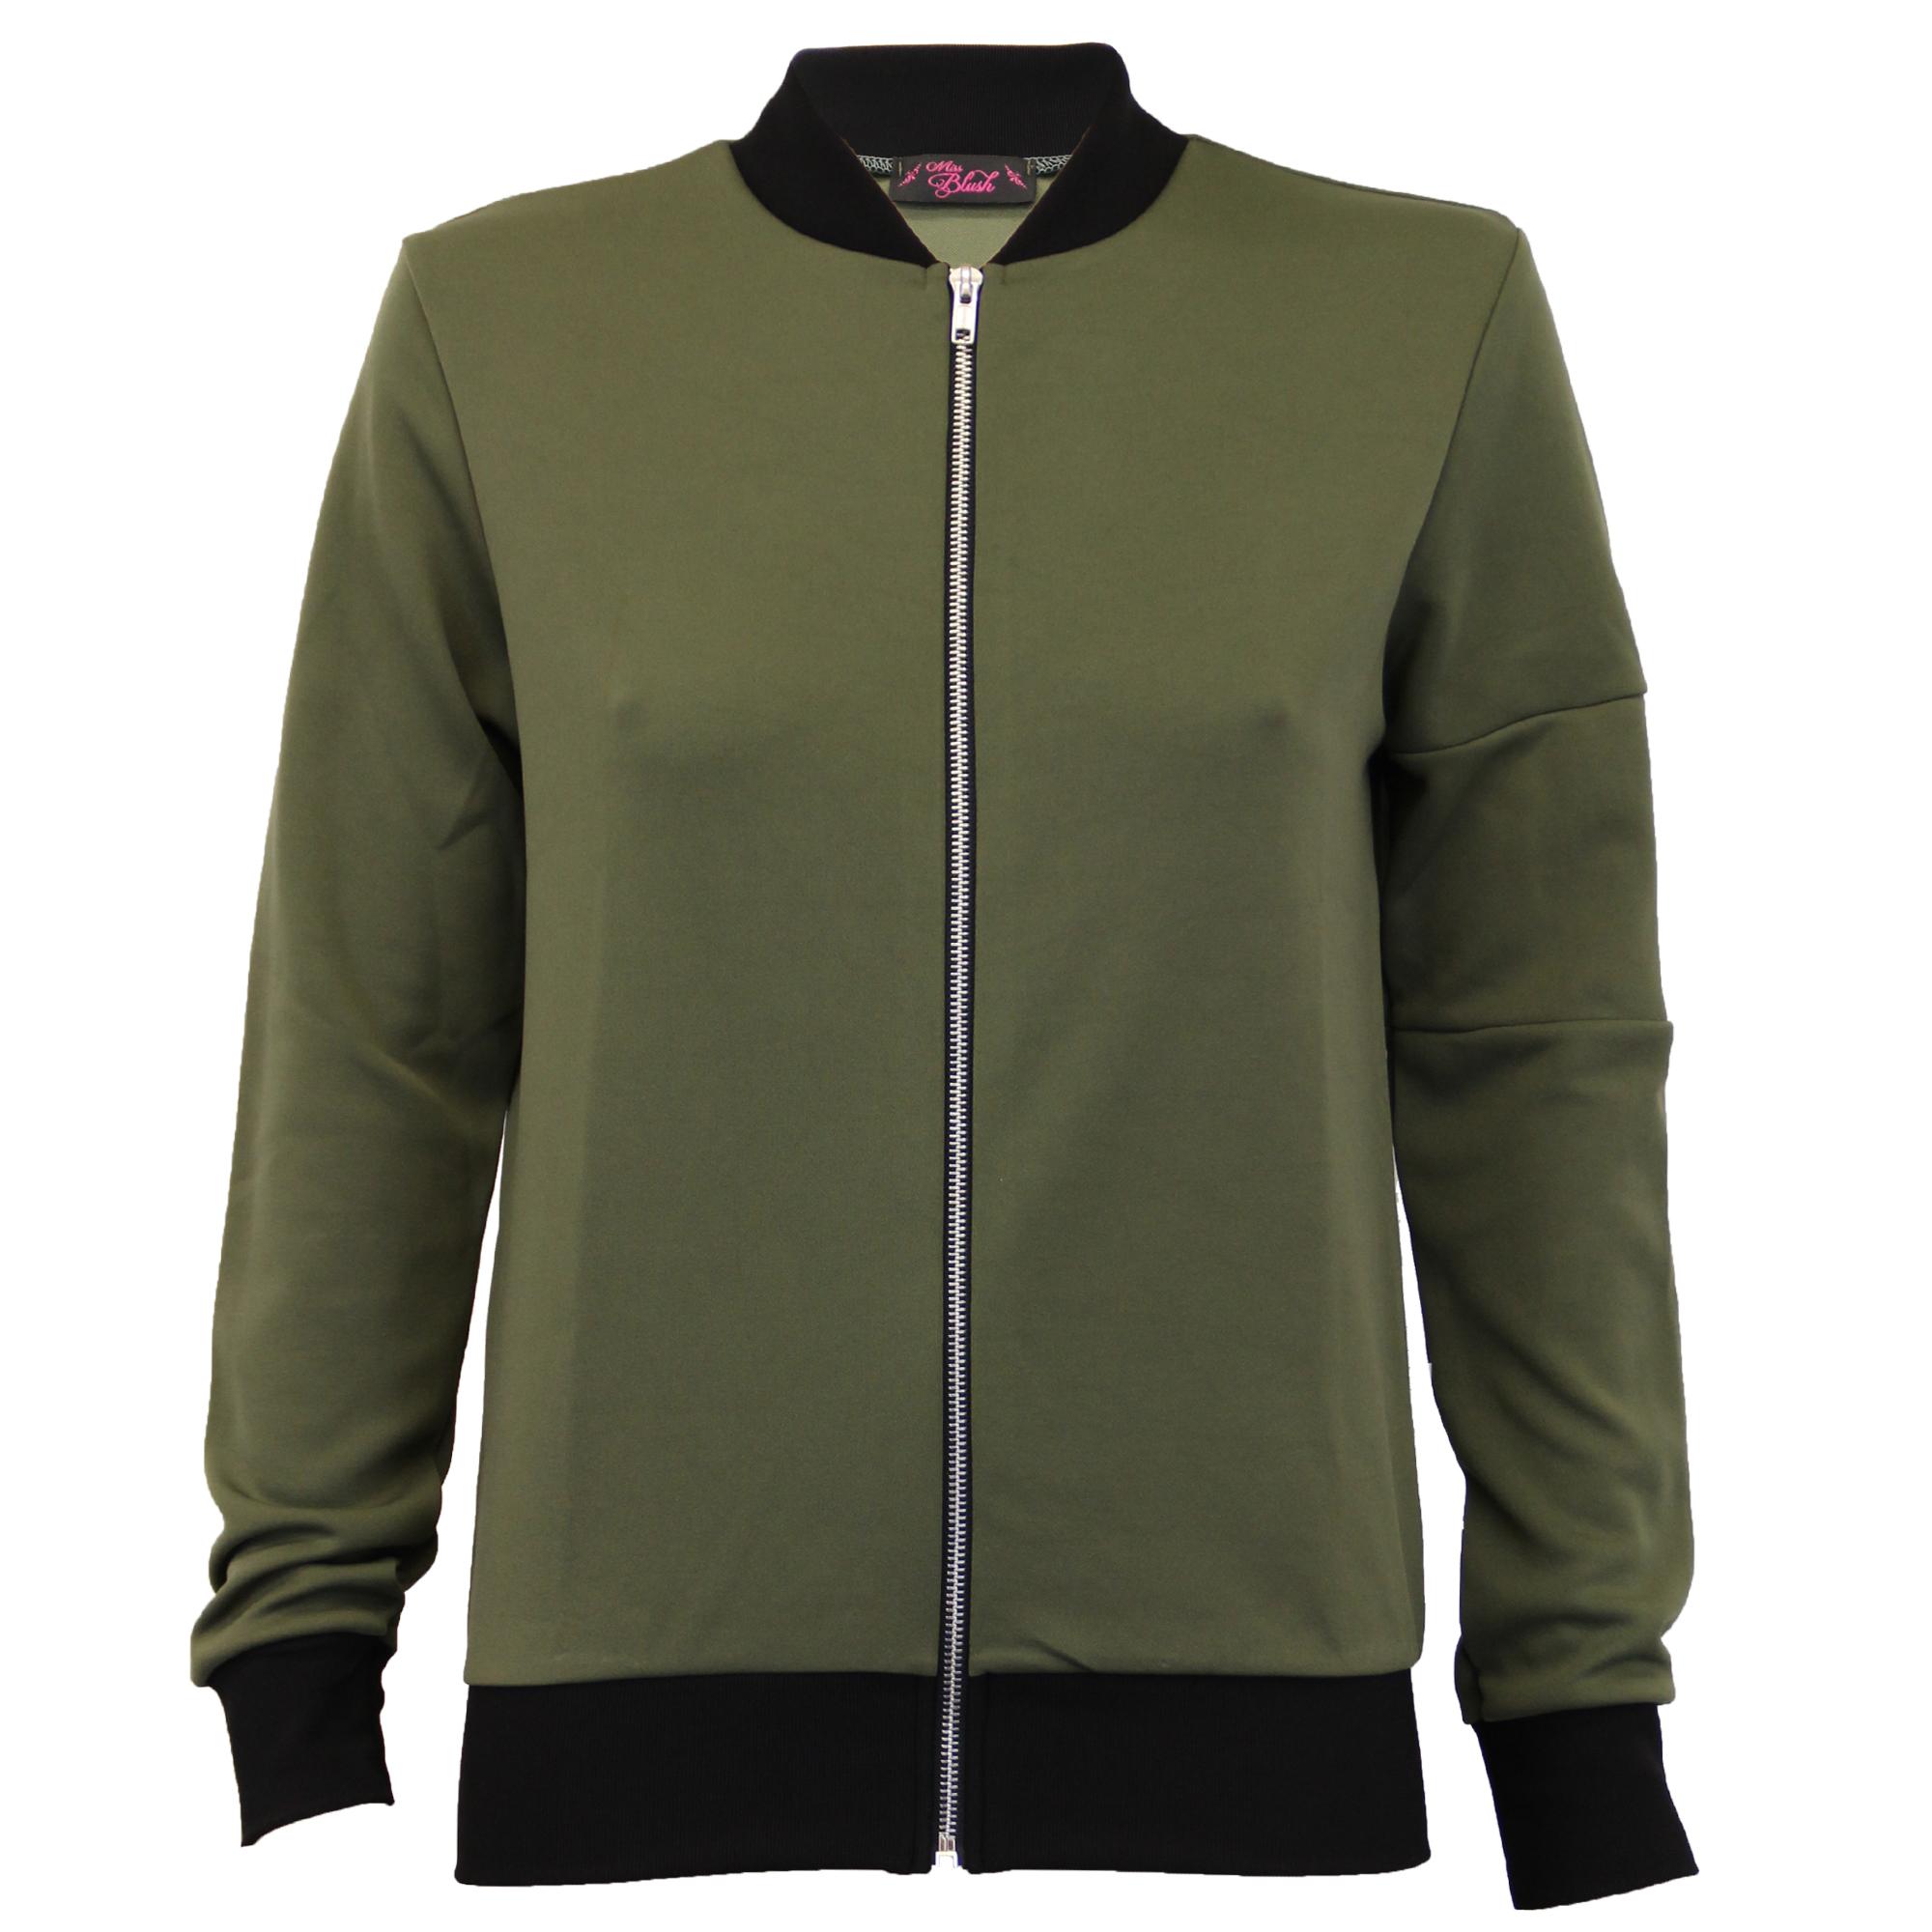 femmes ma1 veste manteau pour femmes militaire camouflage bomber l ger hiver ebay. Black Bedroom Furniture Sets. Home Design Ideas